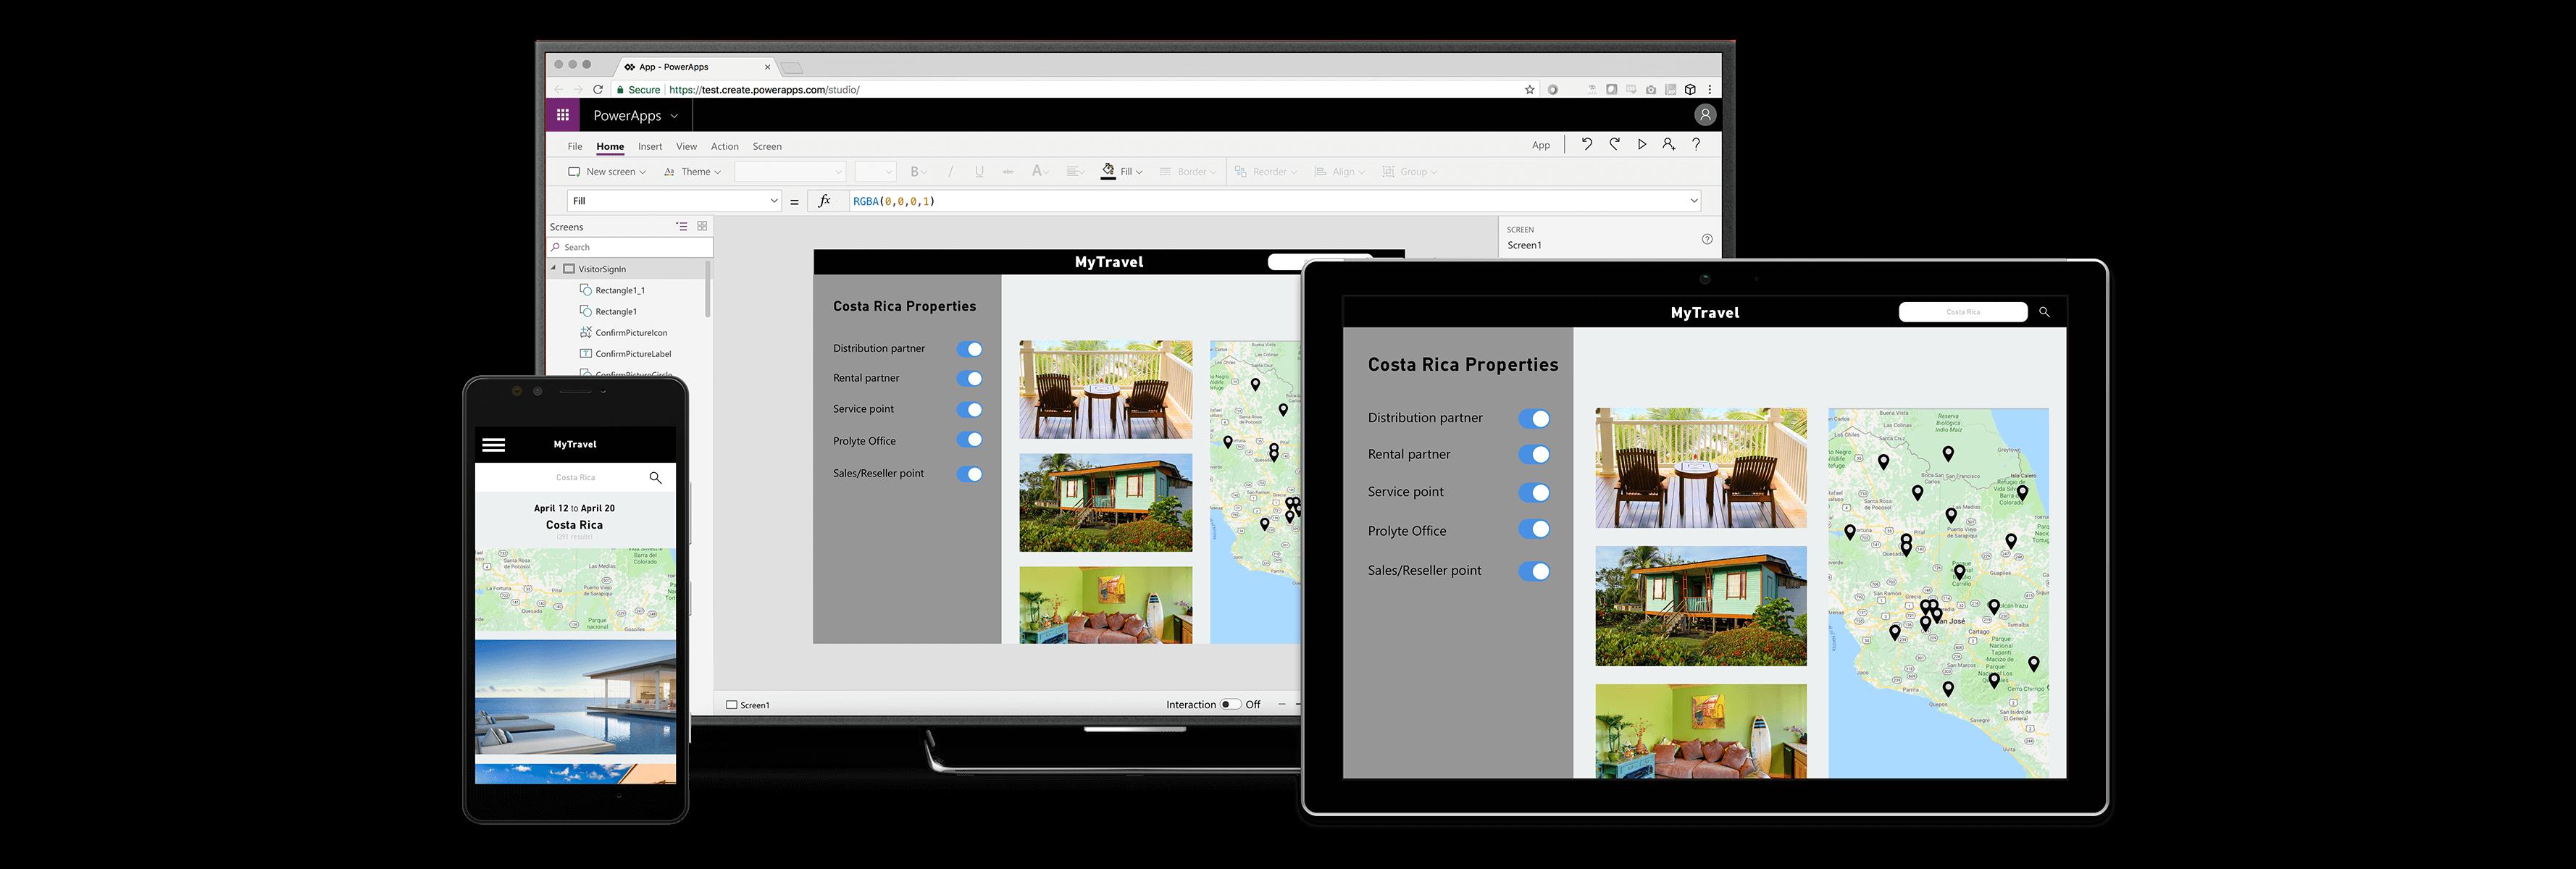 powerapps applications mobiles périphériques